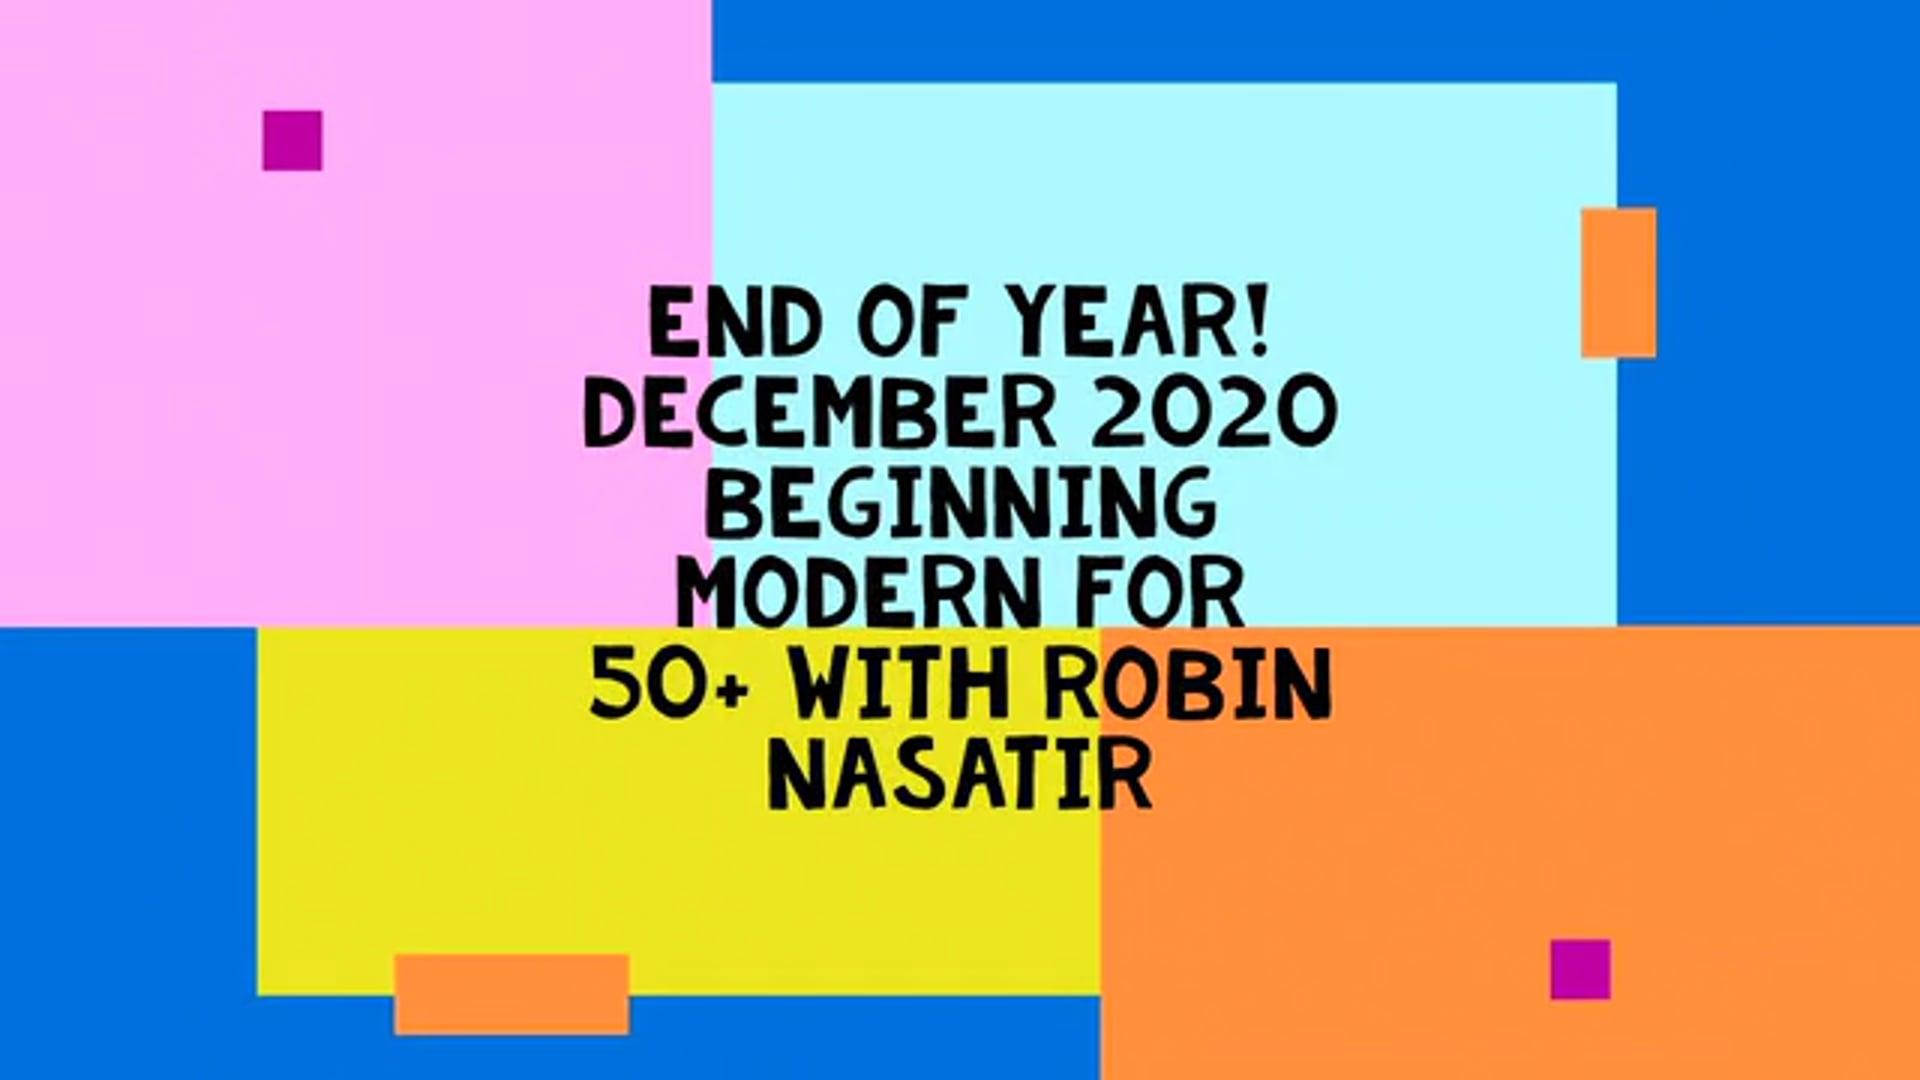 Dec 2020 Final Combos Beginning Modern for Older and Returning Dancers